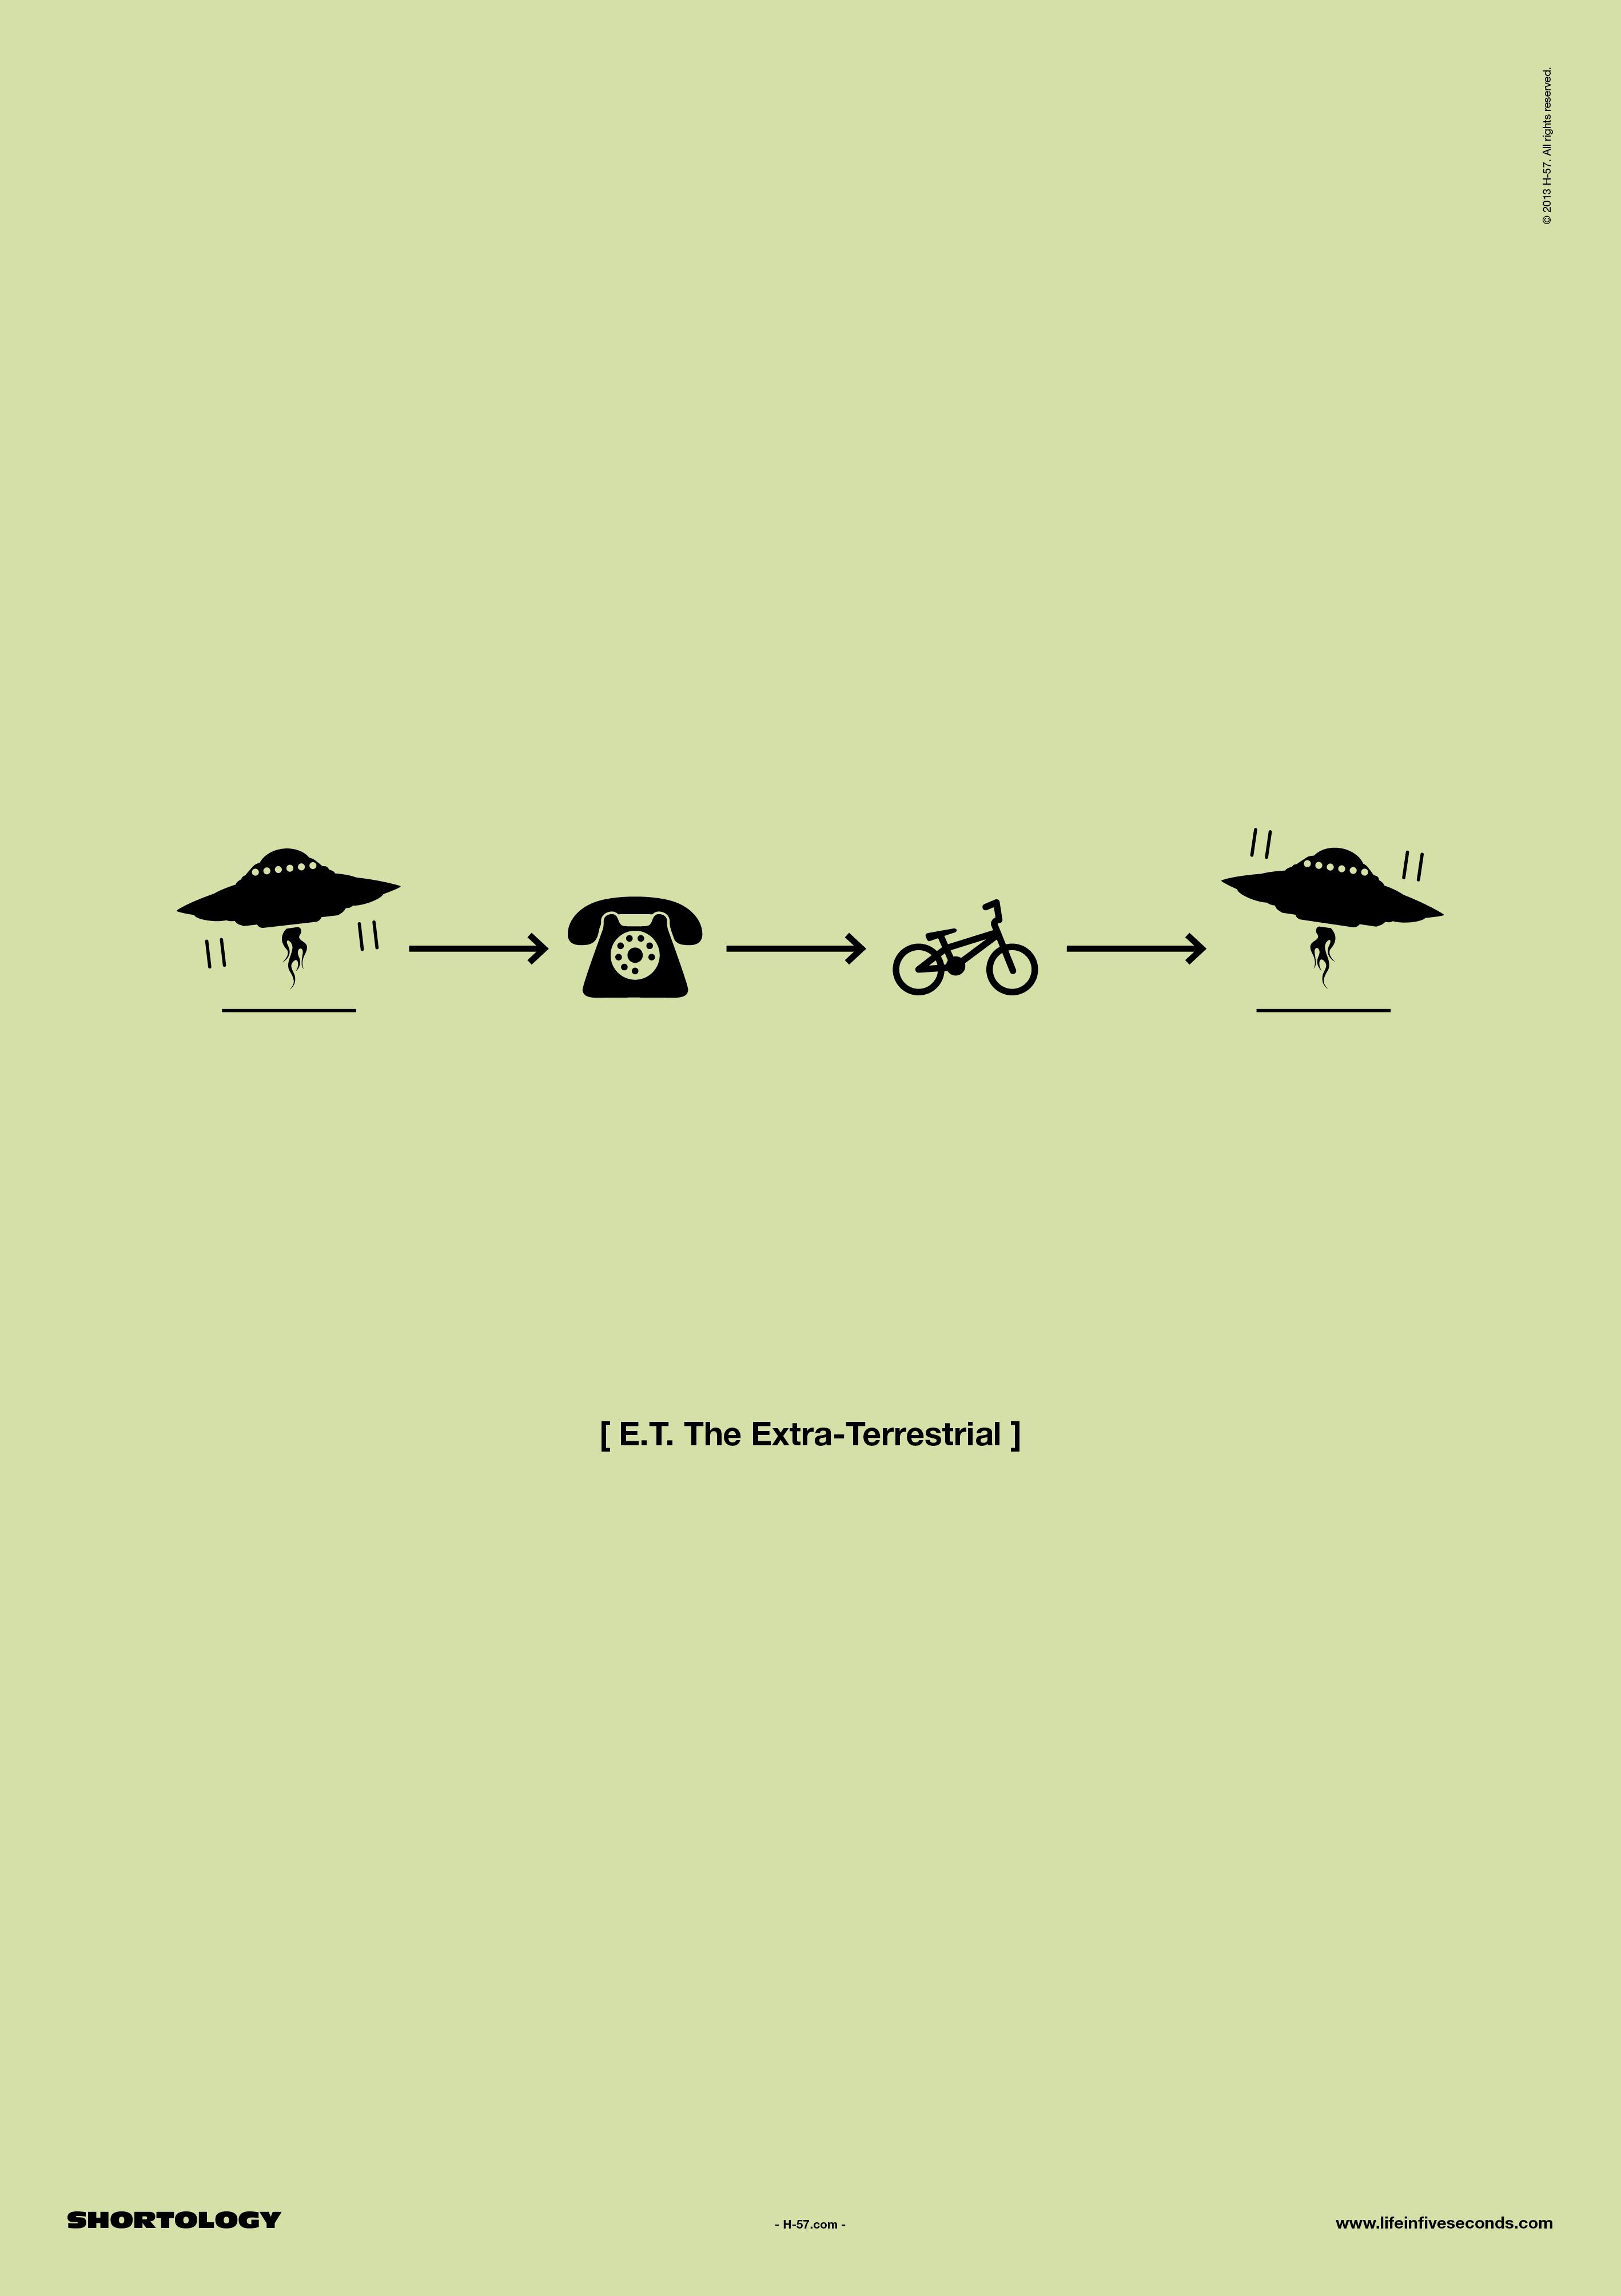 E.T. Shortology Poster